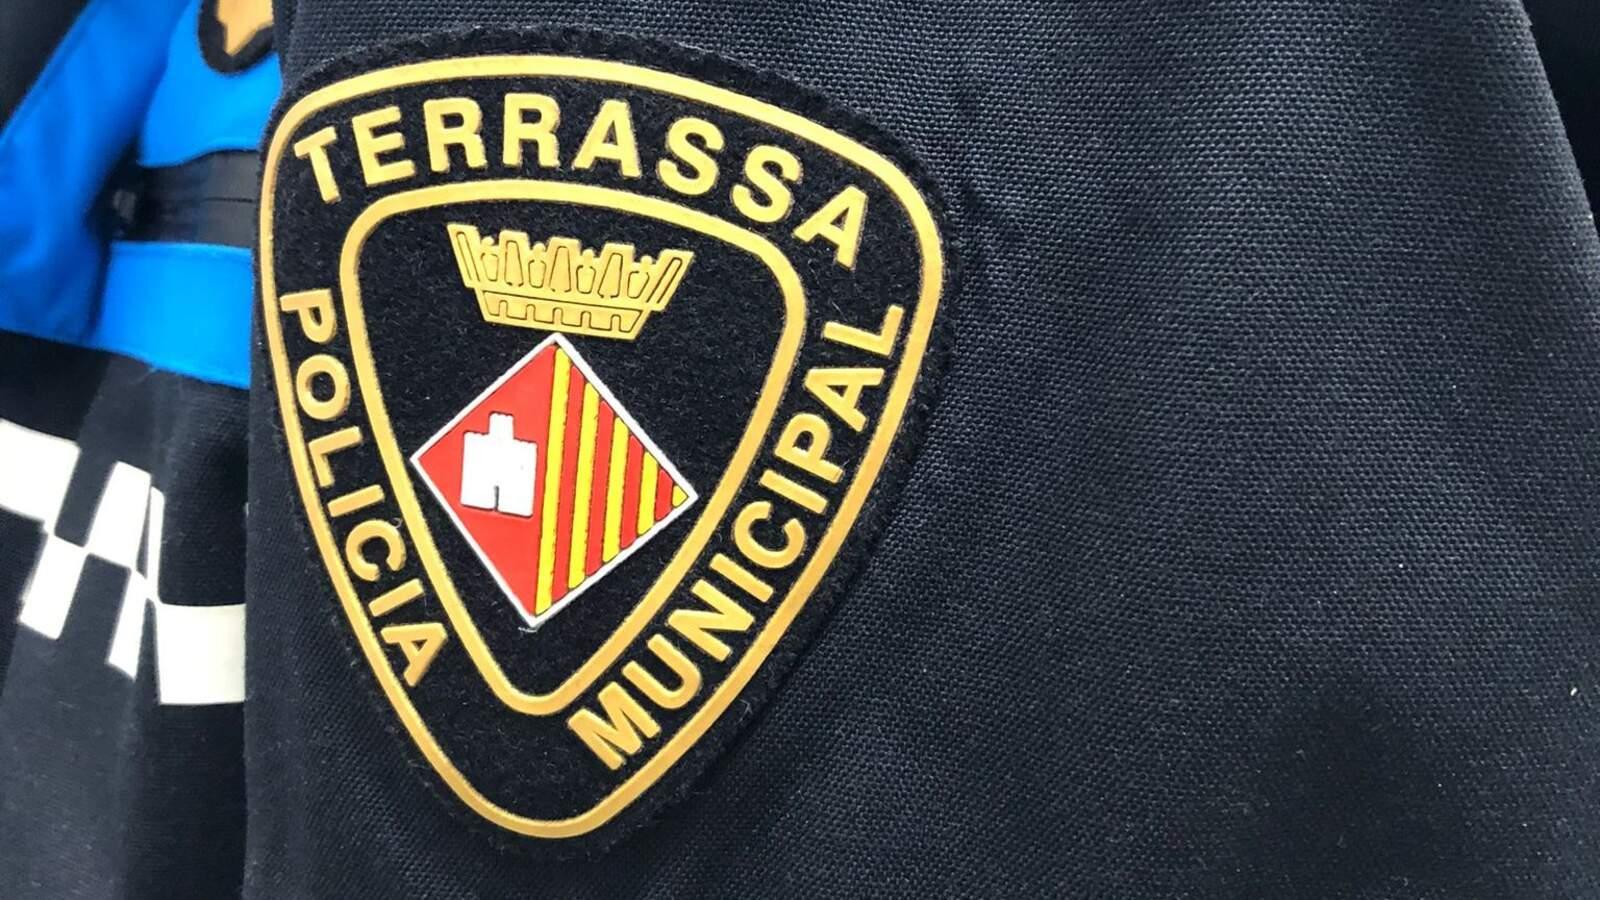 Escut de la Policia Municipal de Terrassa